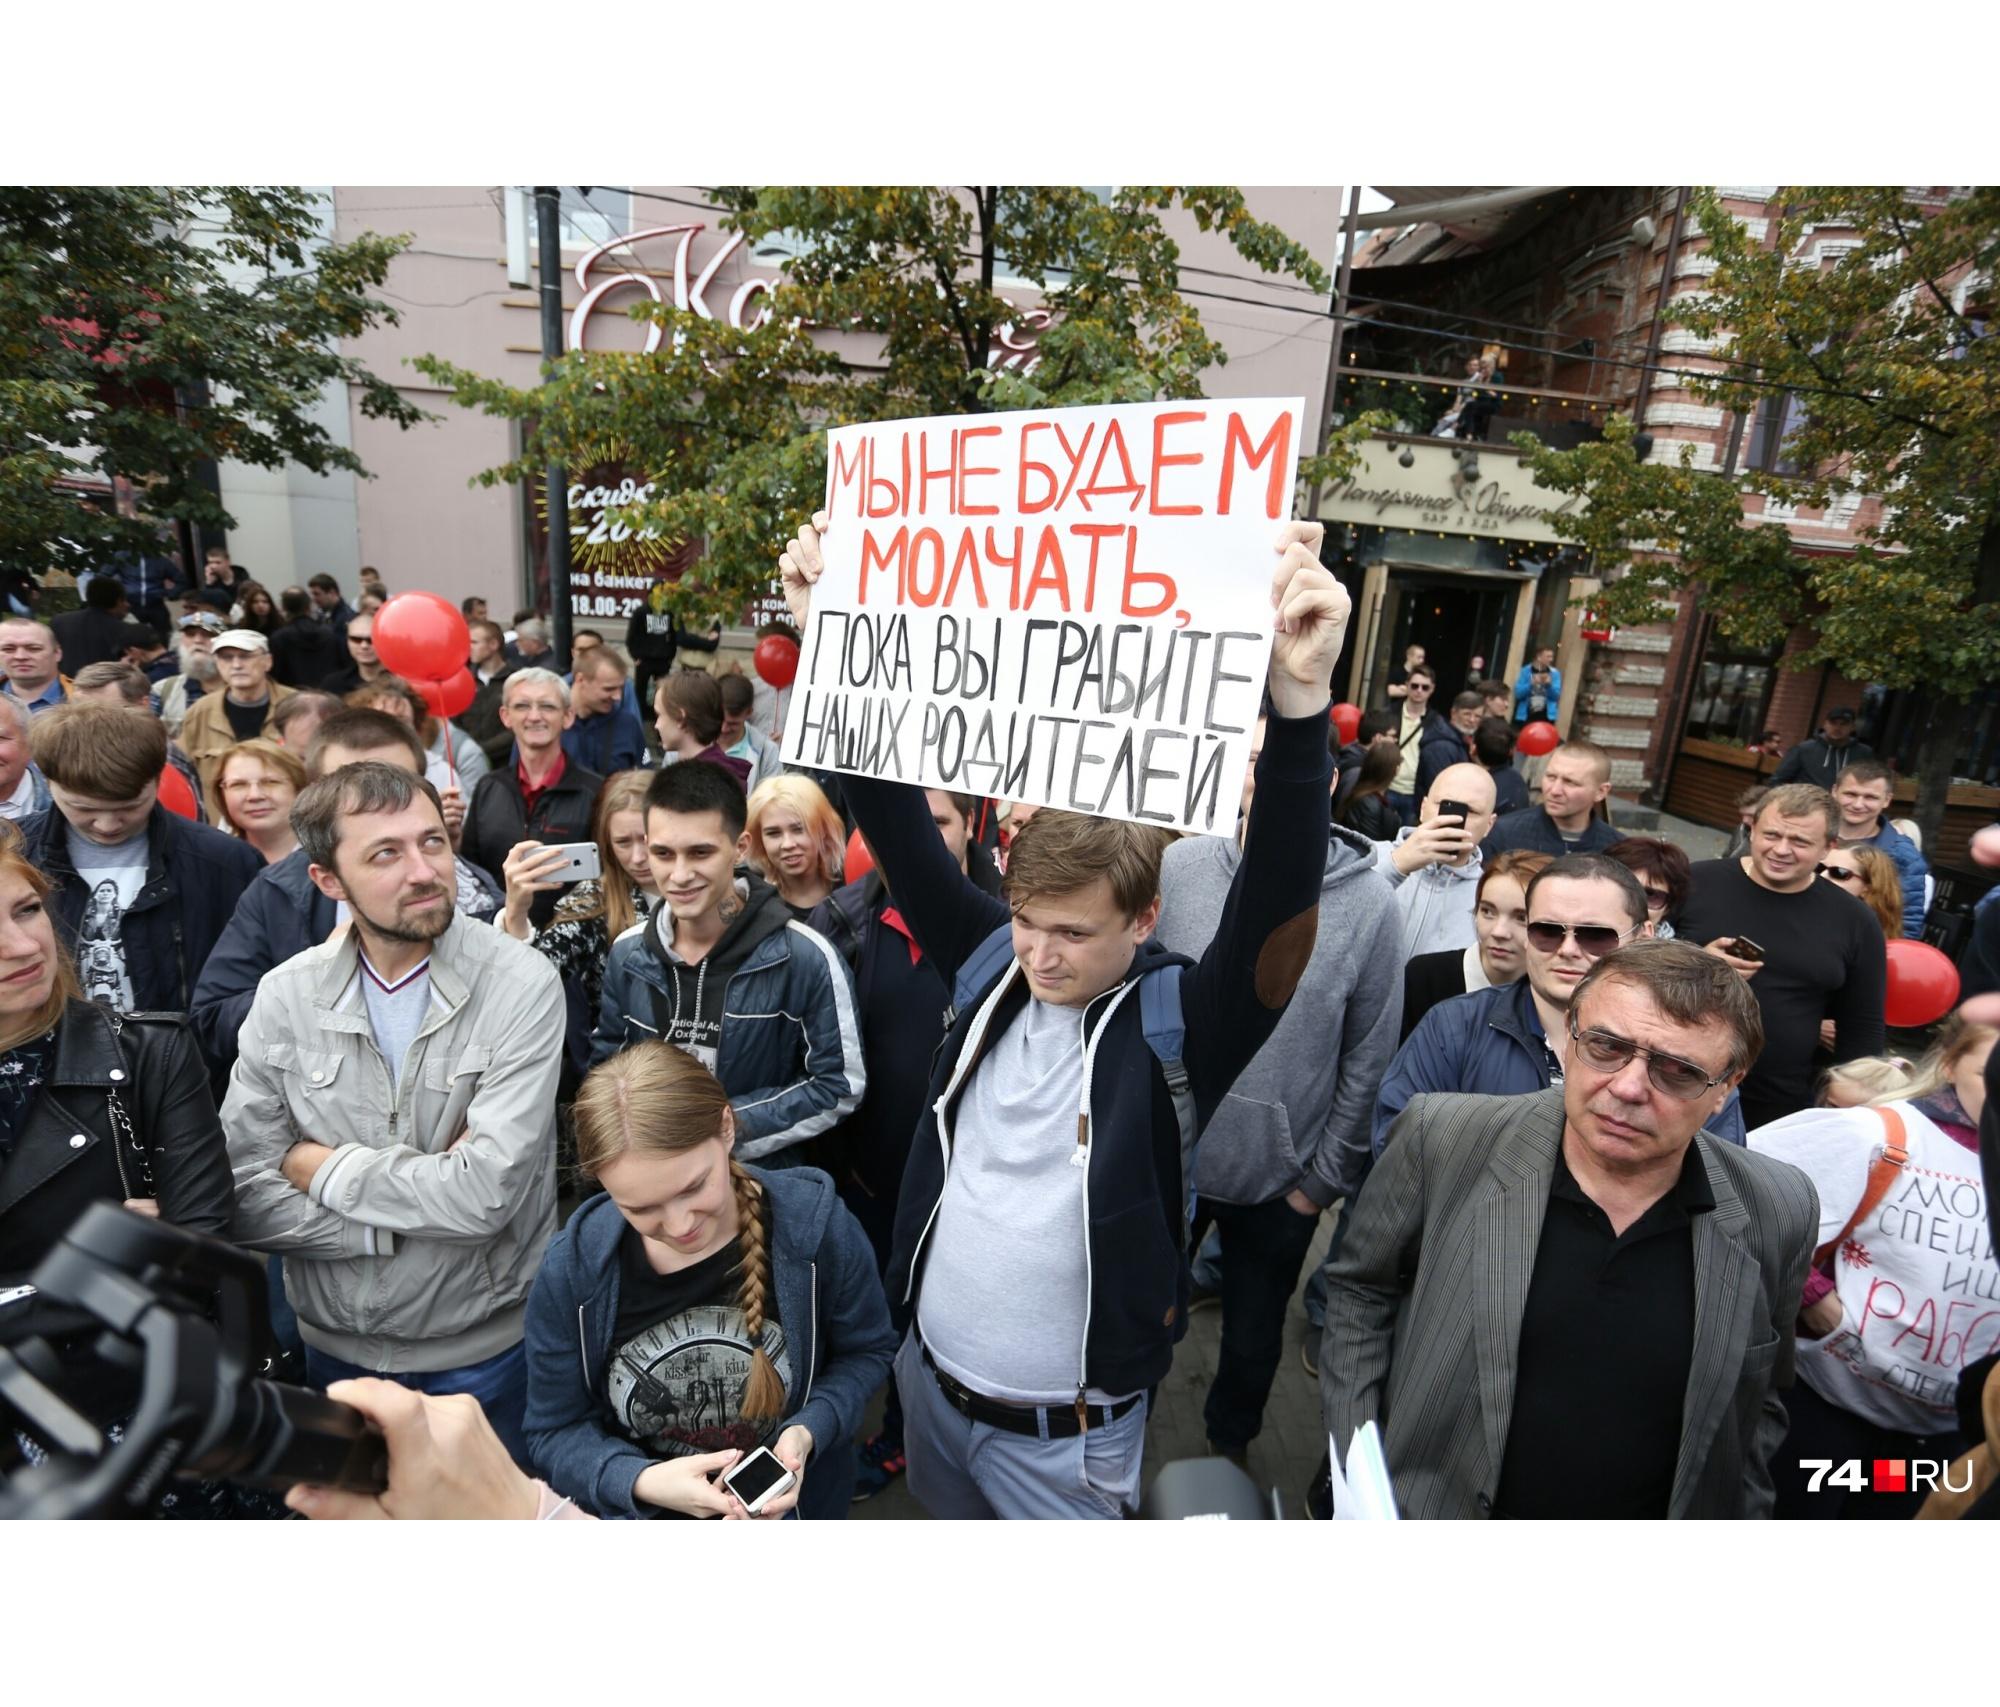 Челябинцы вышли на Кировку с плакатами